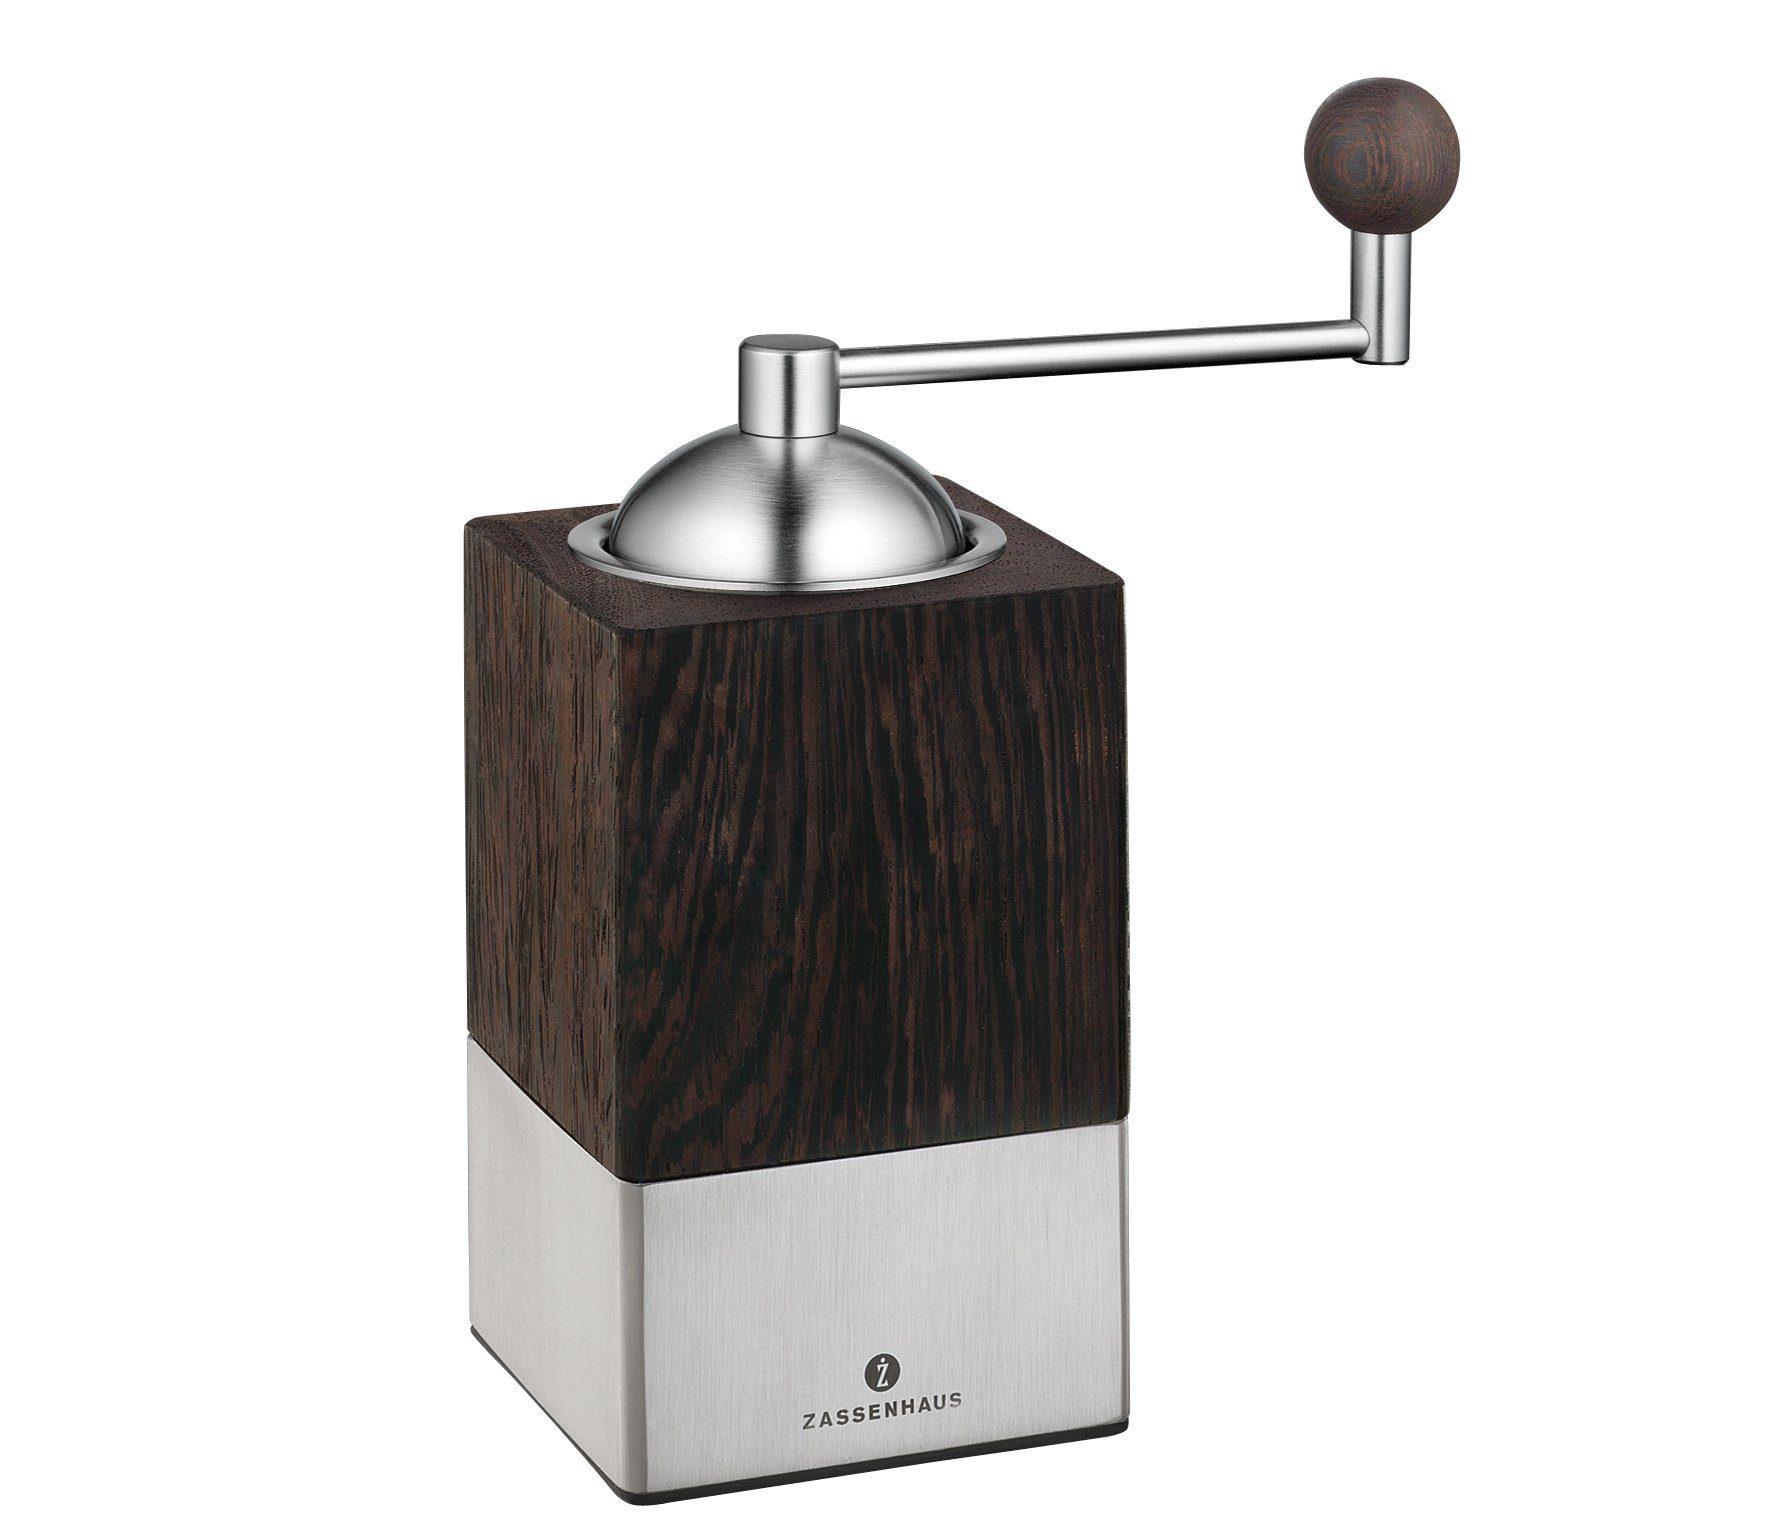 ZASSENHAUS Kaffee-Espressomühle »Guatemala«